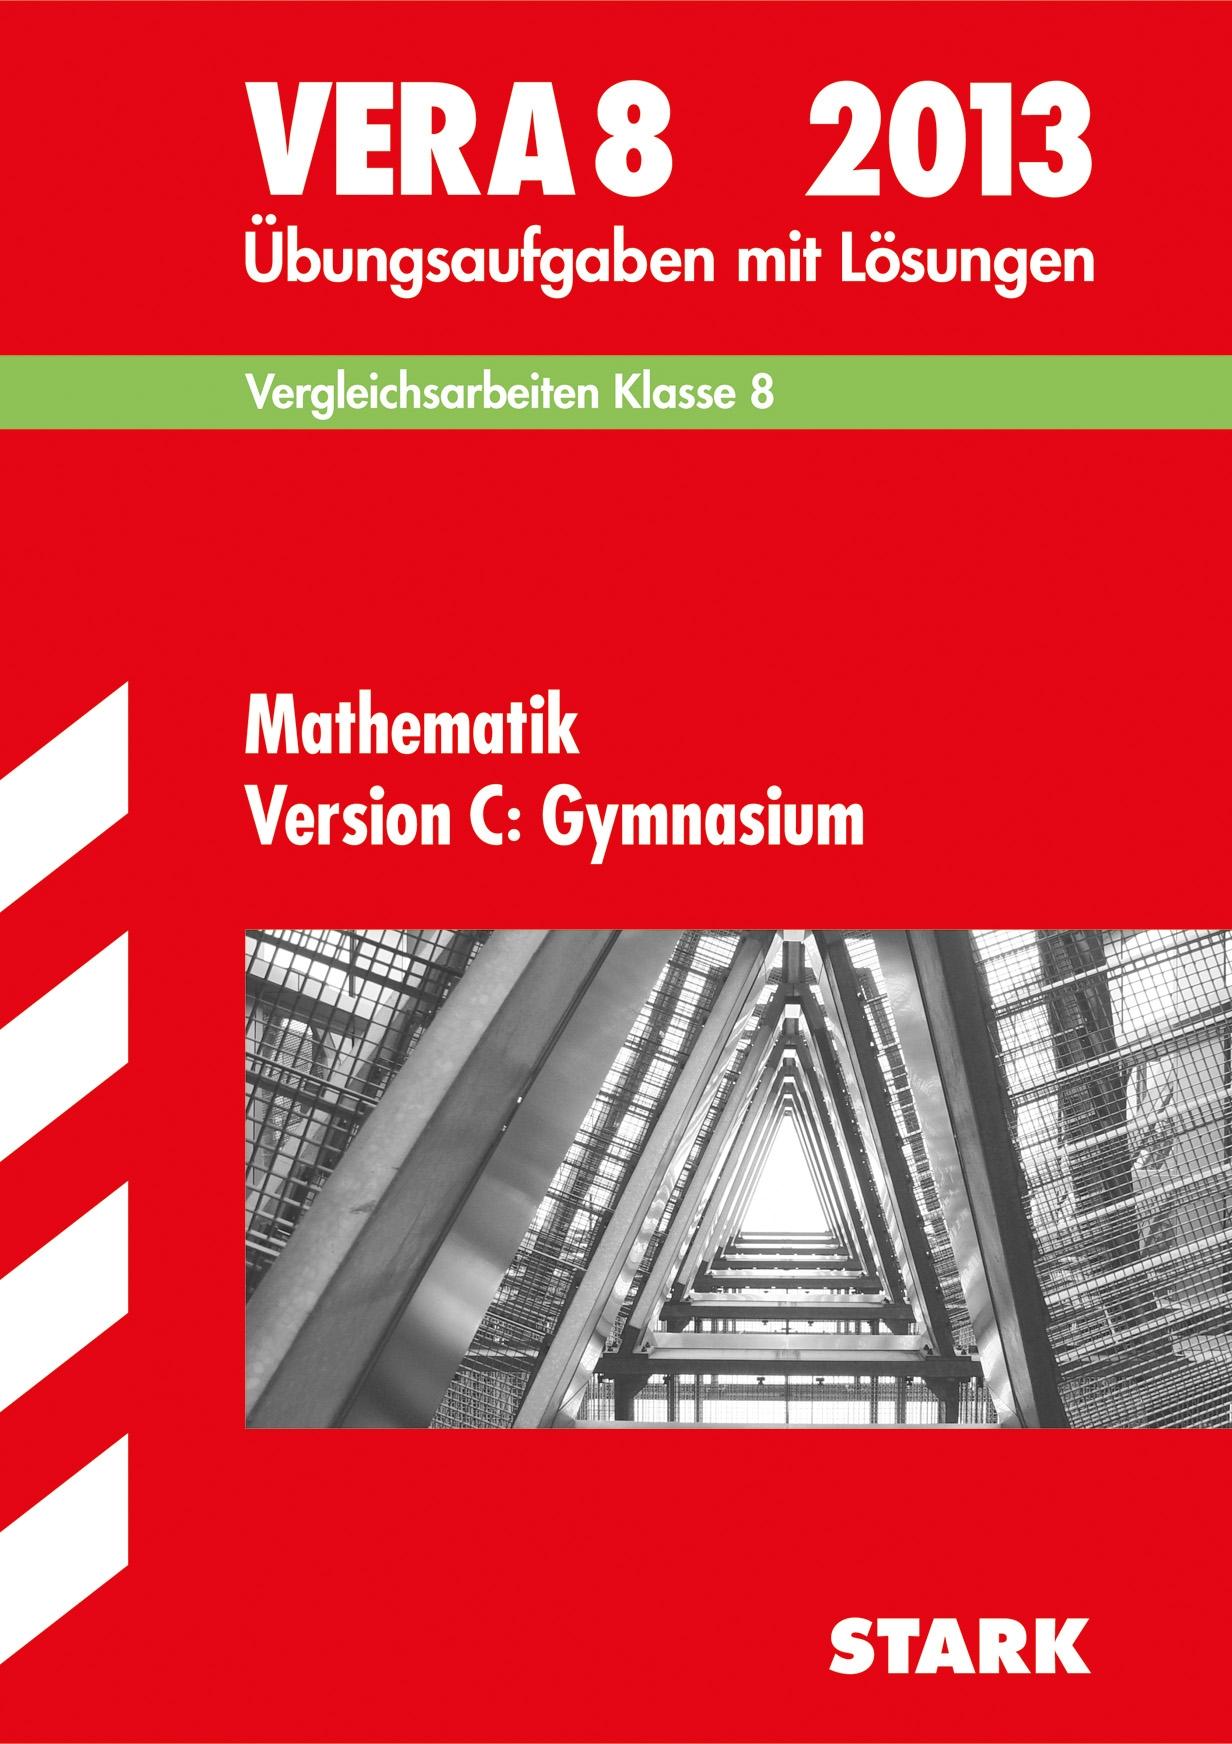 Vergleichsarbeiten VERA 8. Klasse / VERA 8 Mathematik Version C: Gymnasium 2013: Vergleichsarbeiten Klasse 8. Übungsaufgaben mit Lösungen.